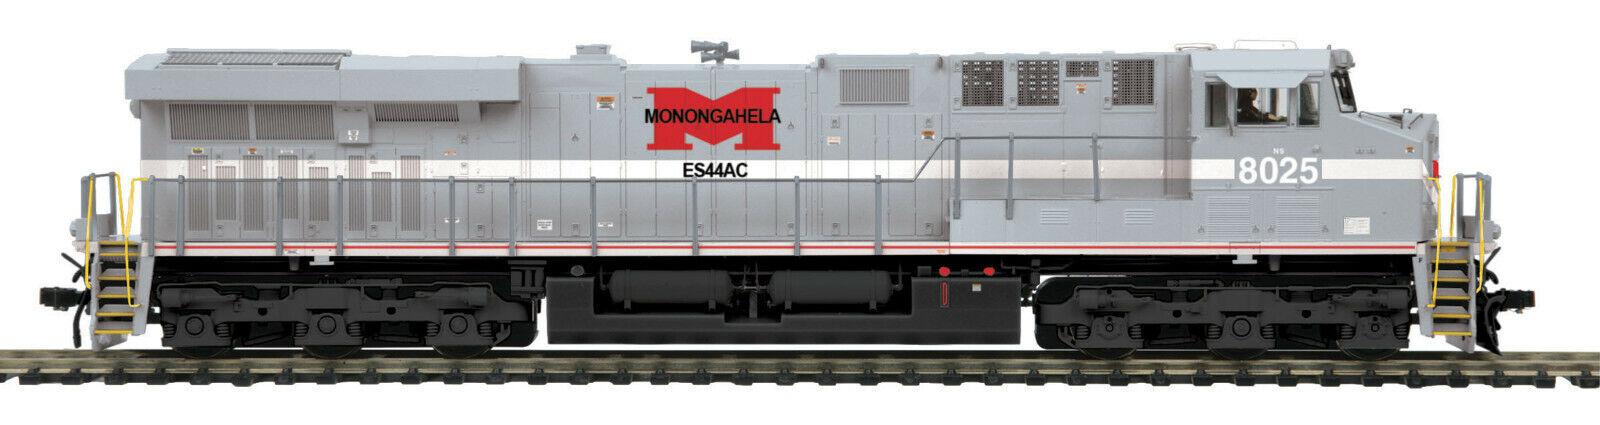 Diesel Ho Mth Monongahela ES-44 para 2 Cocheril Dcc Ready 80-2340-0